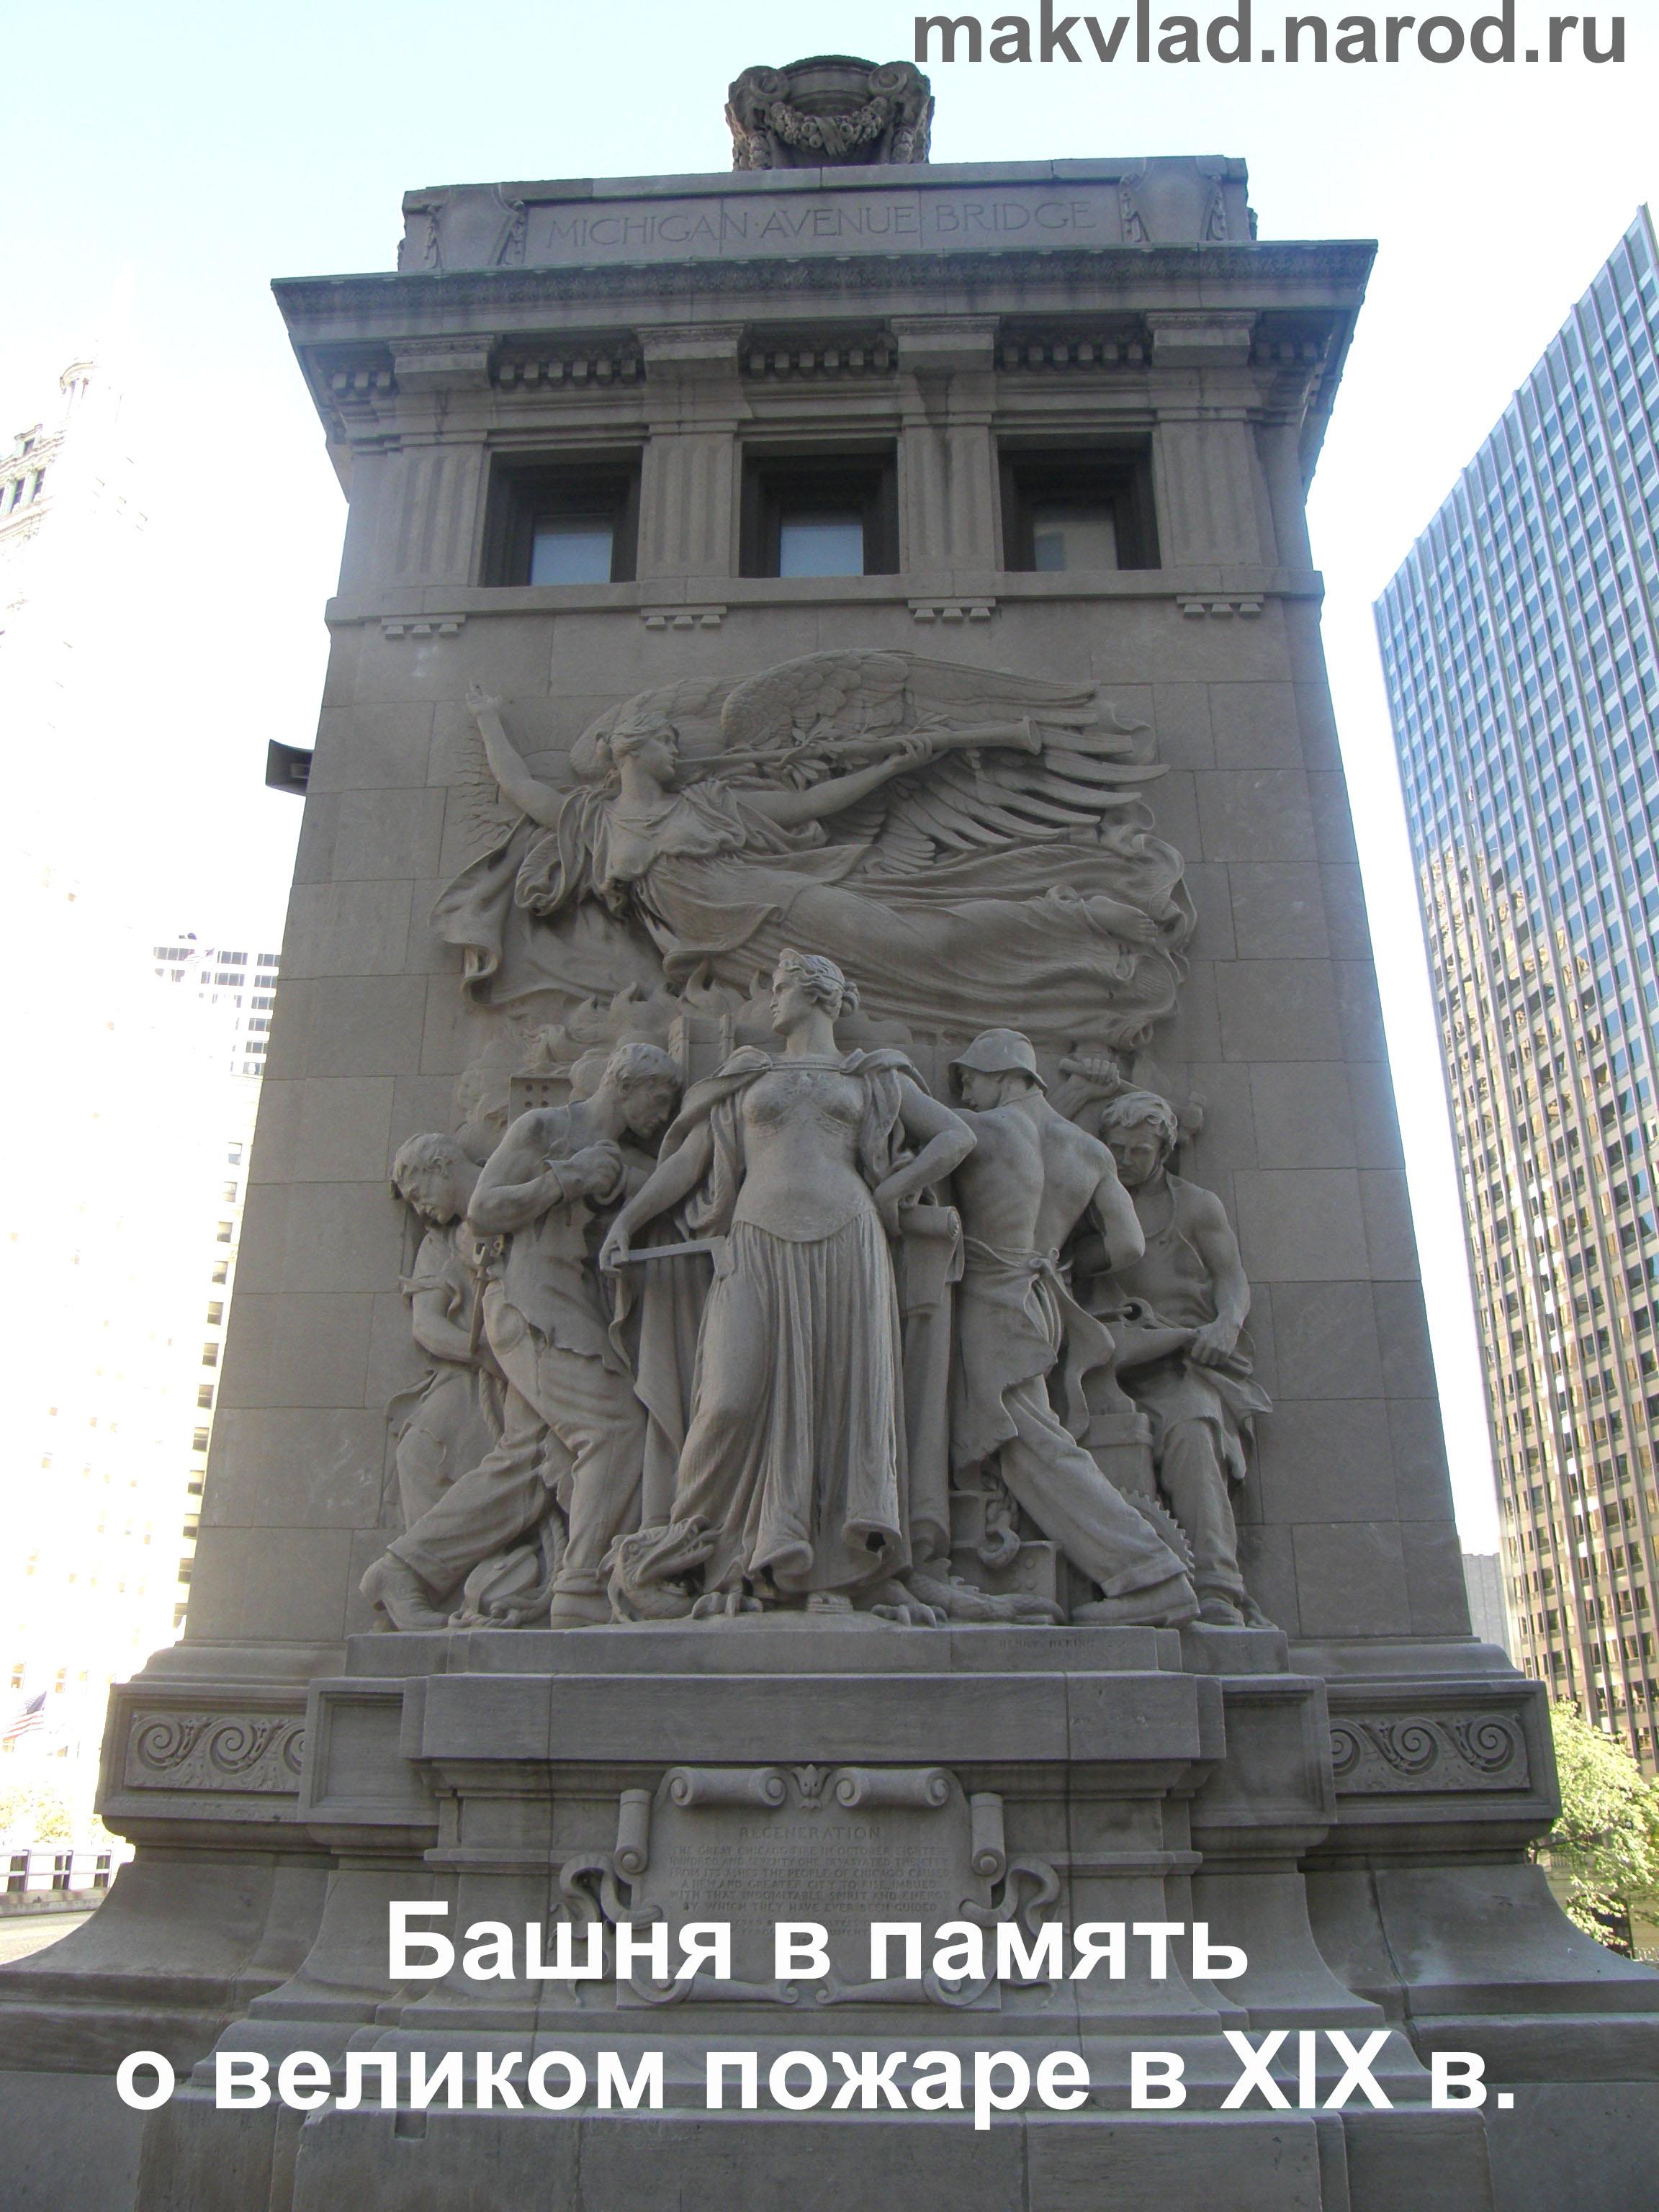 Башня Возрождение на мосту через р. Чикаго в память о пожаре